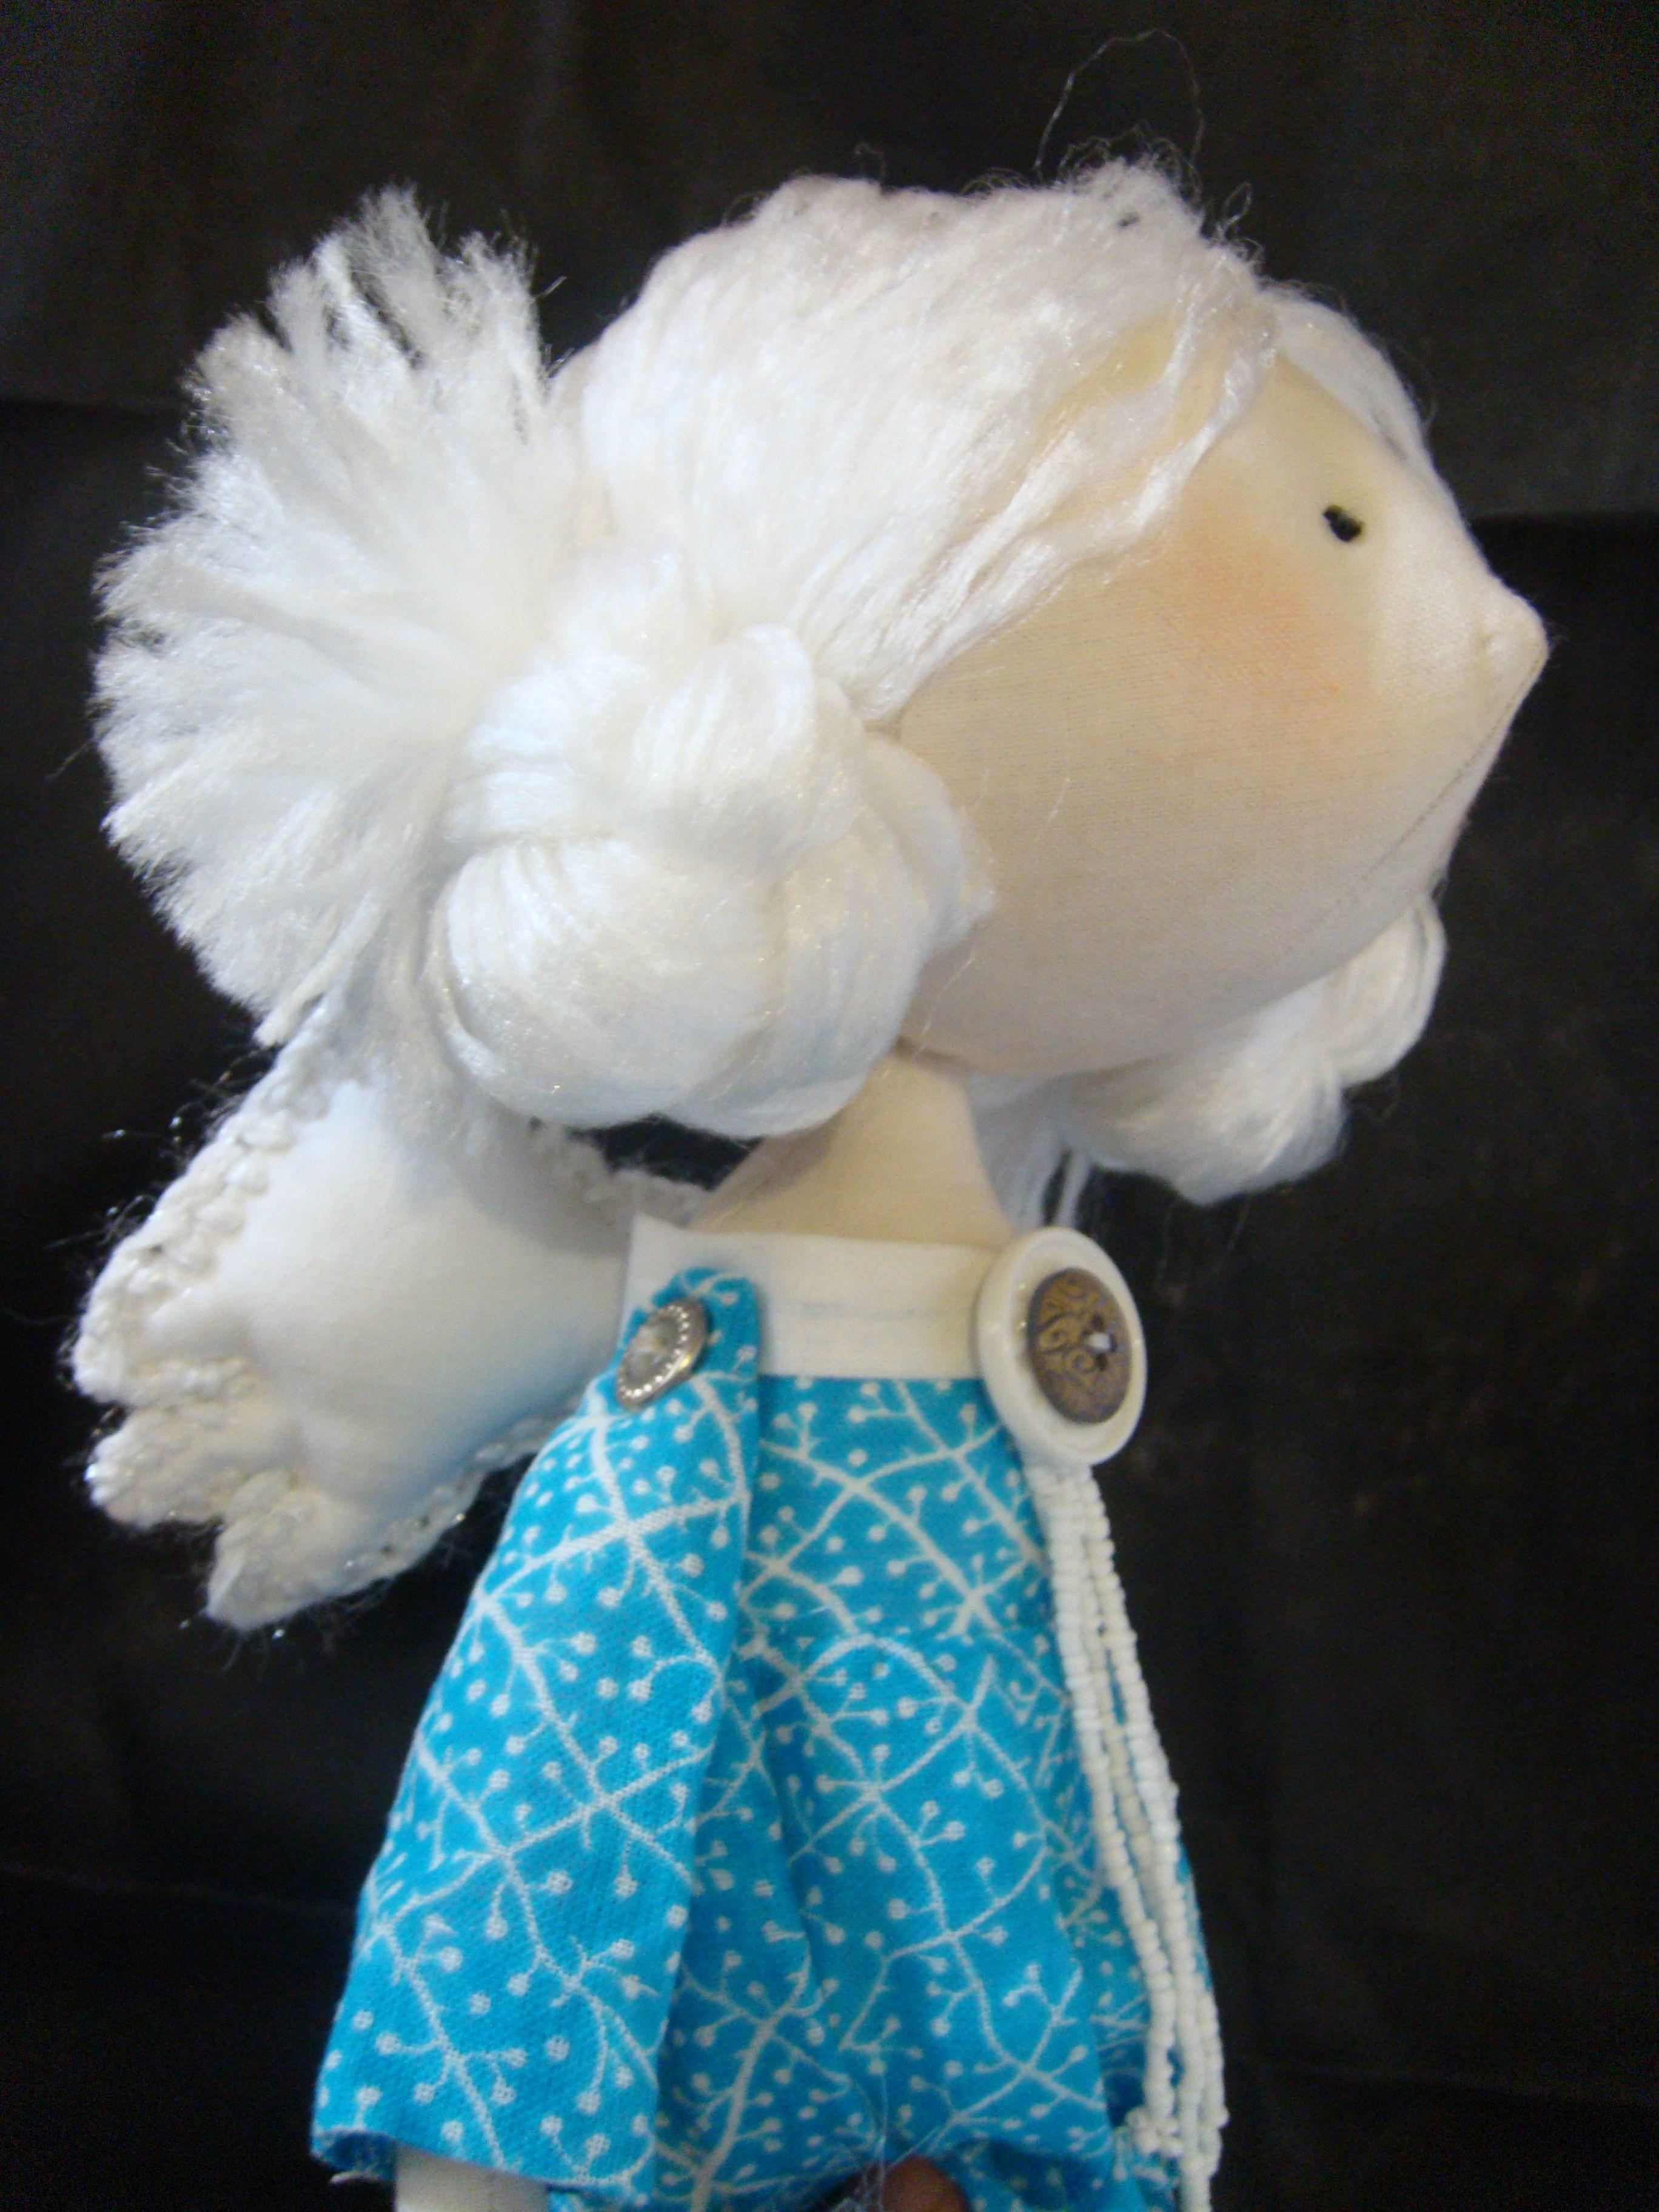 ручнаяработа игрушка кукла купитьподарок ангел handmade подарокдлядевушки авторскаякукла  блондинкабелыйкрыльяангелочекголубойталисманоберегдекордизайнинтерьераукрашениеинтерьера куклаангел купитькуклу подарокдлядевочки интерьернаякукла текстильнаякукла